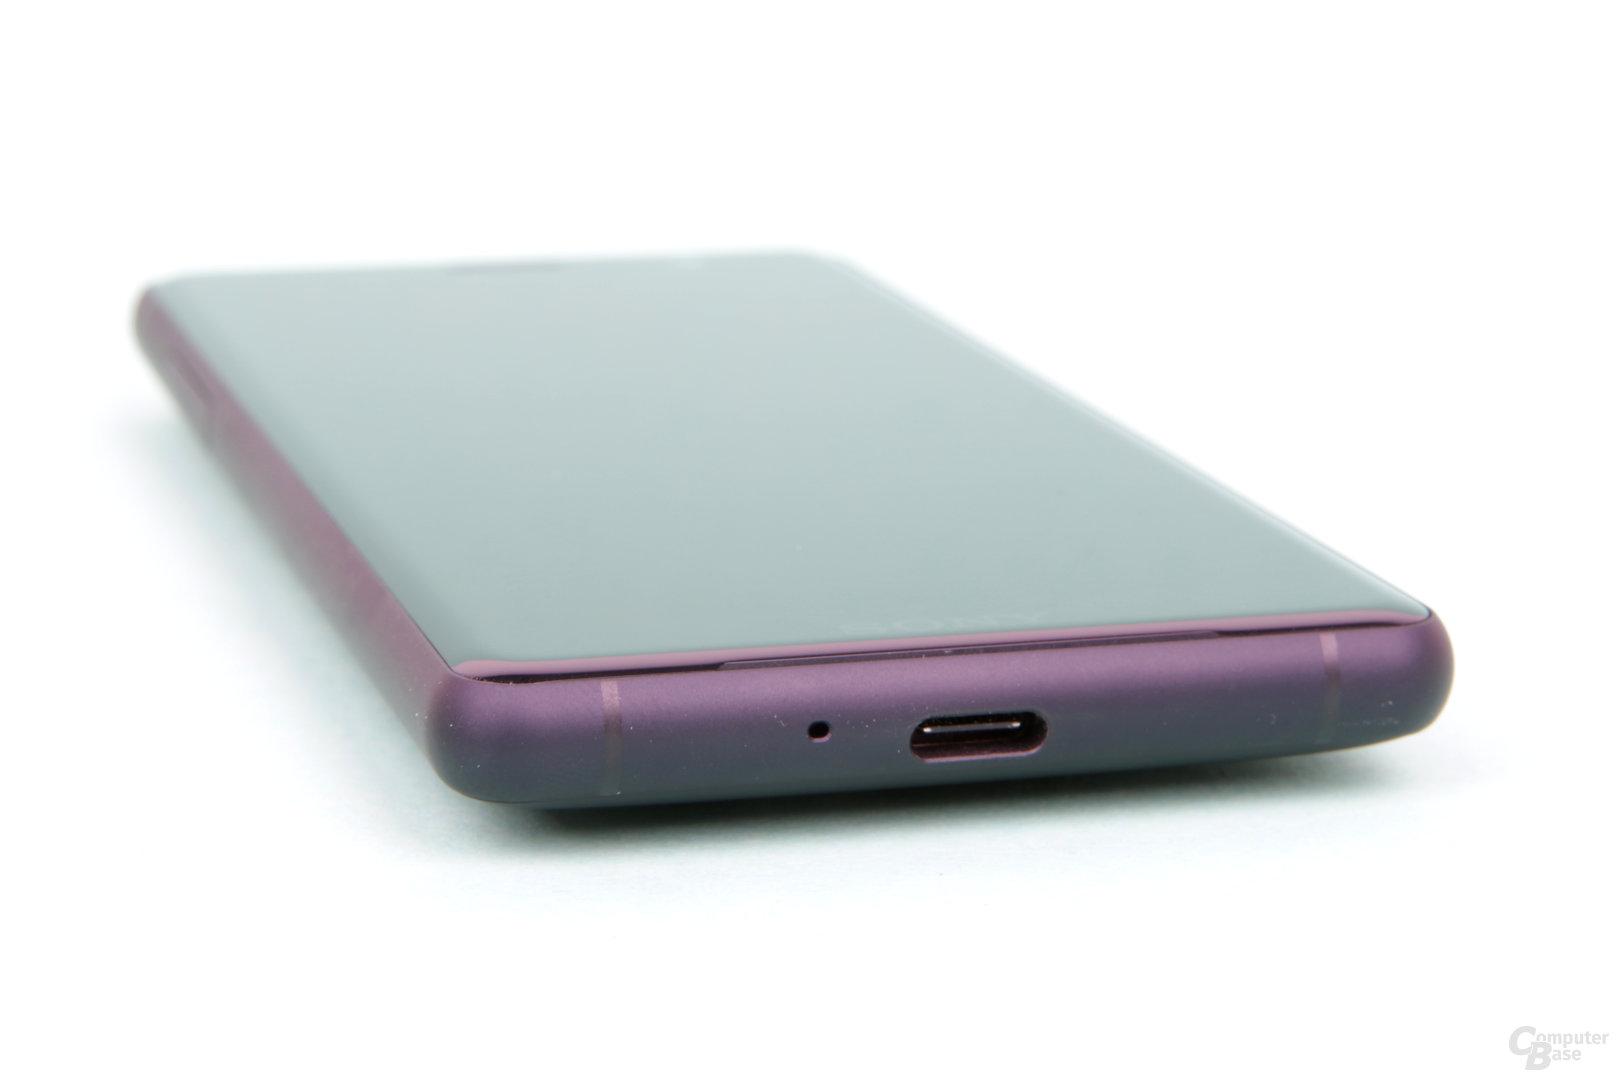 Aufgeladen wird mittels USB Typ C und bis zu 7,5 Watt